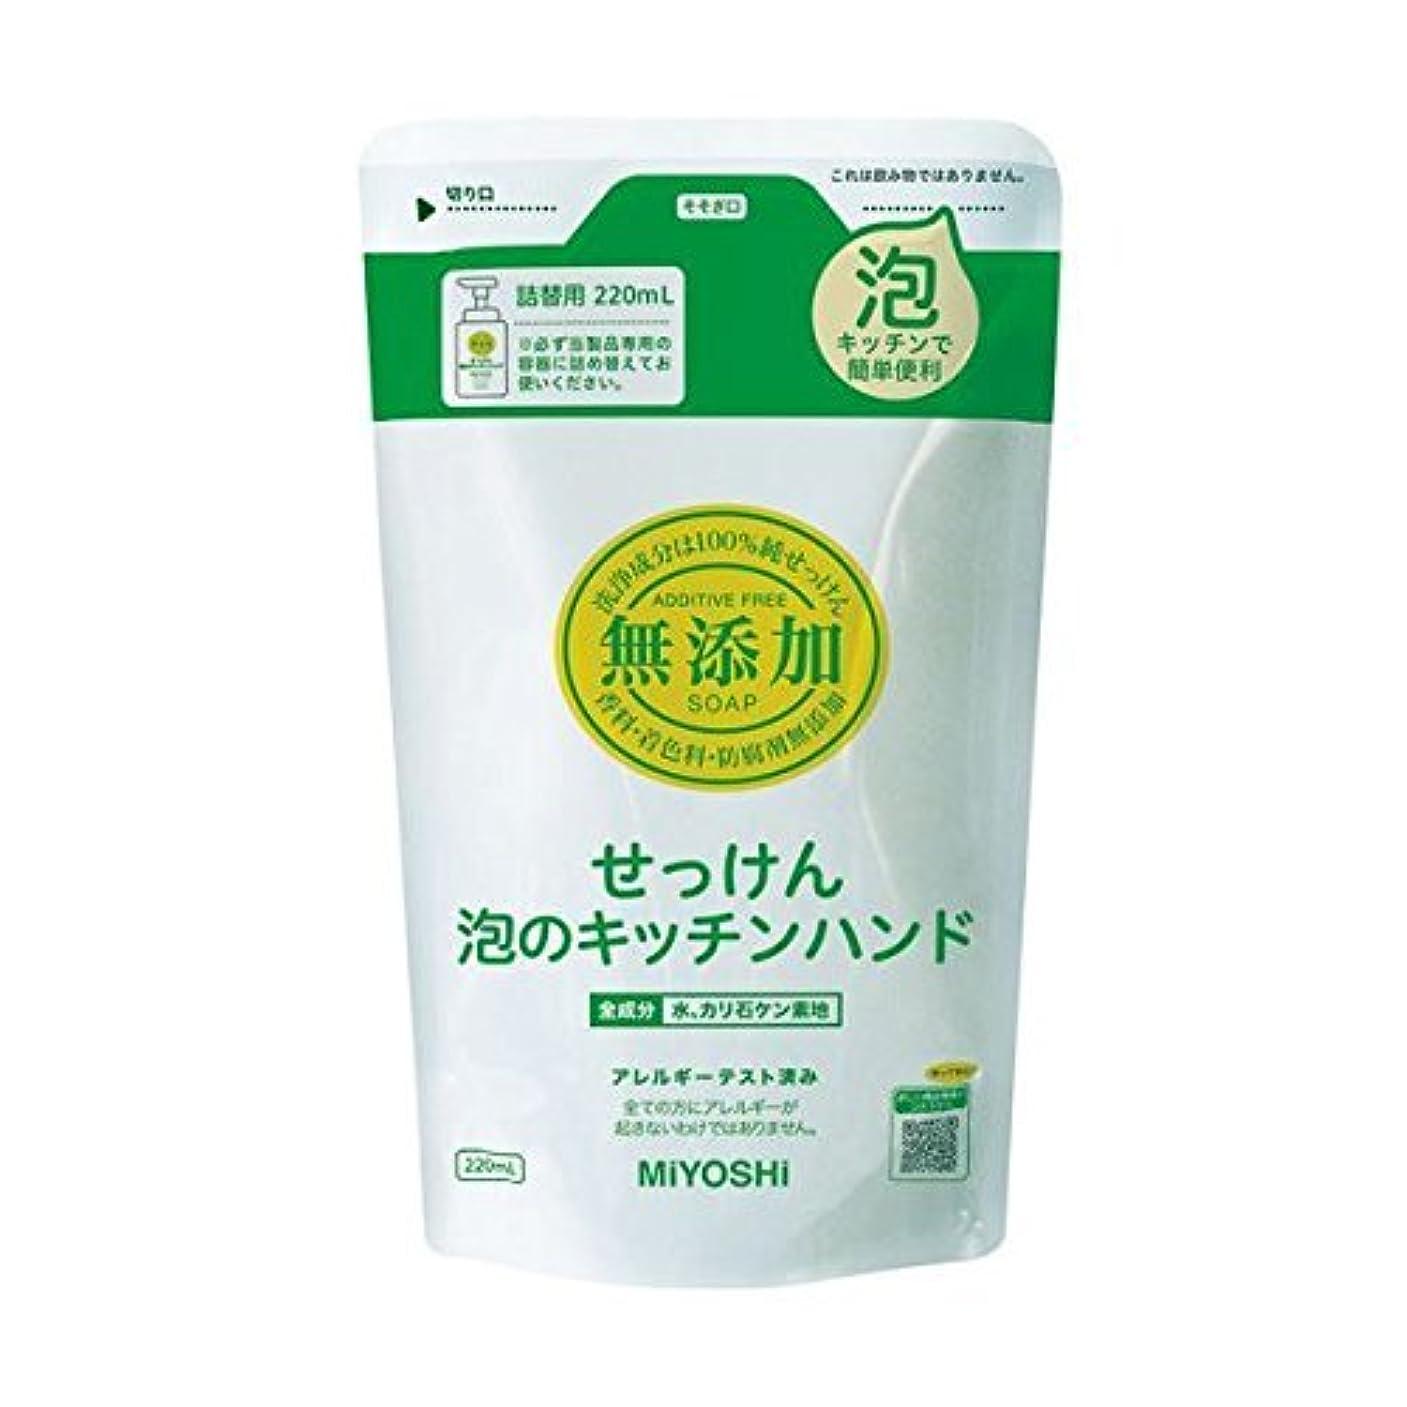 結紮限定いま(お徳用15セット)ミヨシ 無添加 キッチンハンドソープ つめかえ用 220ml(無添加石鹸)×15セット